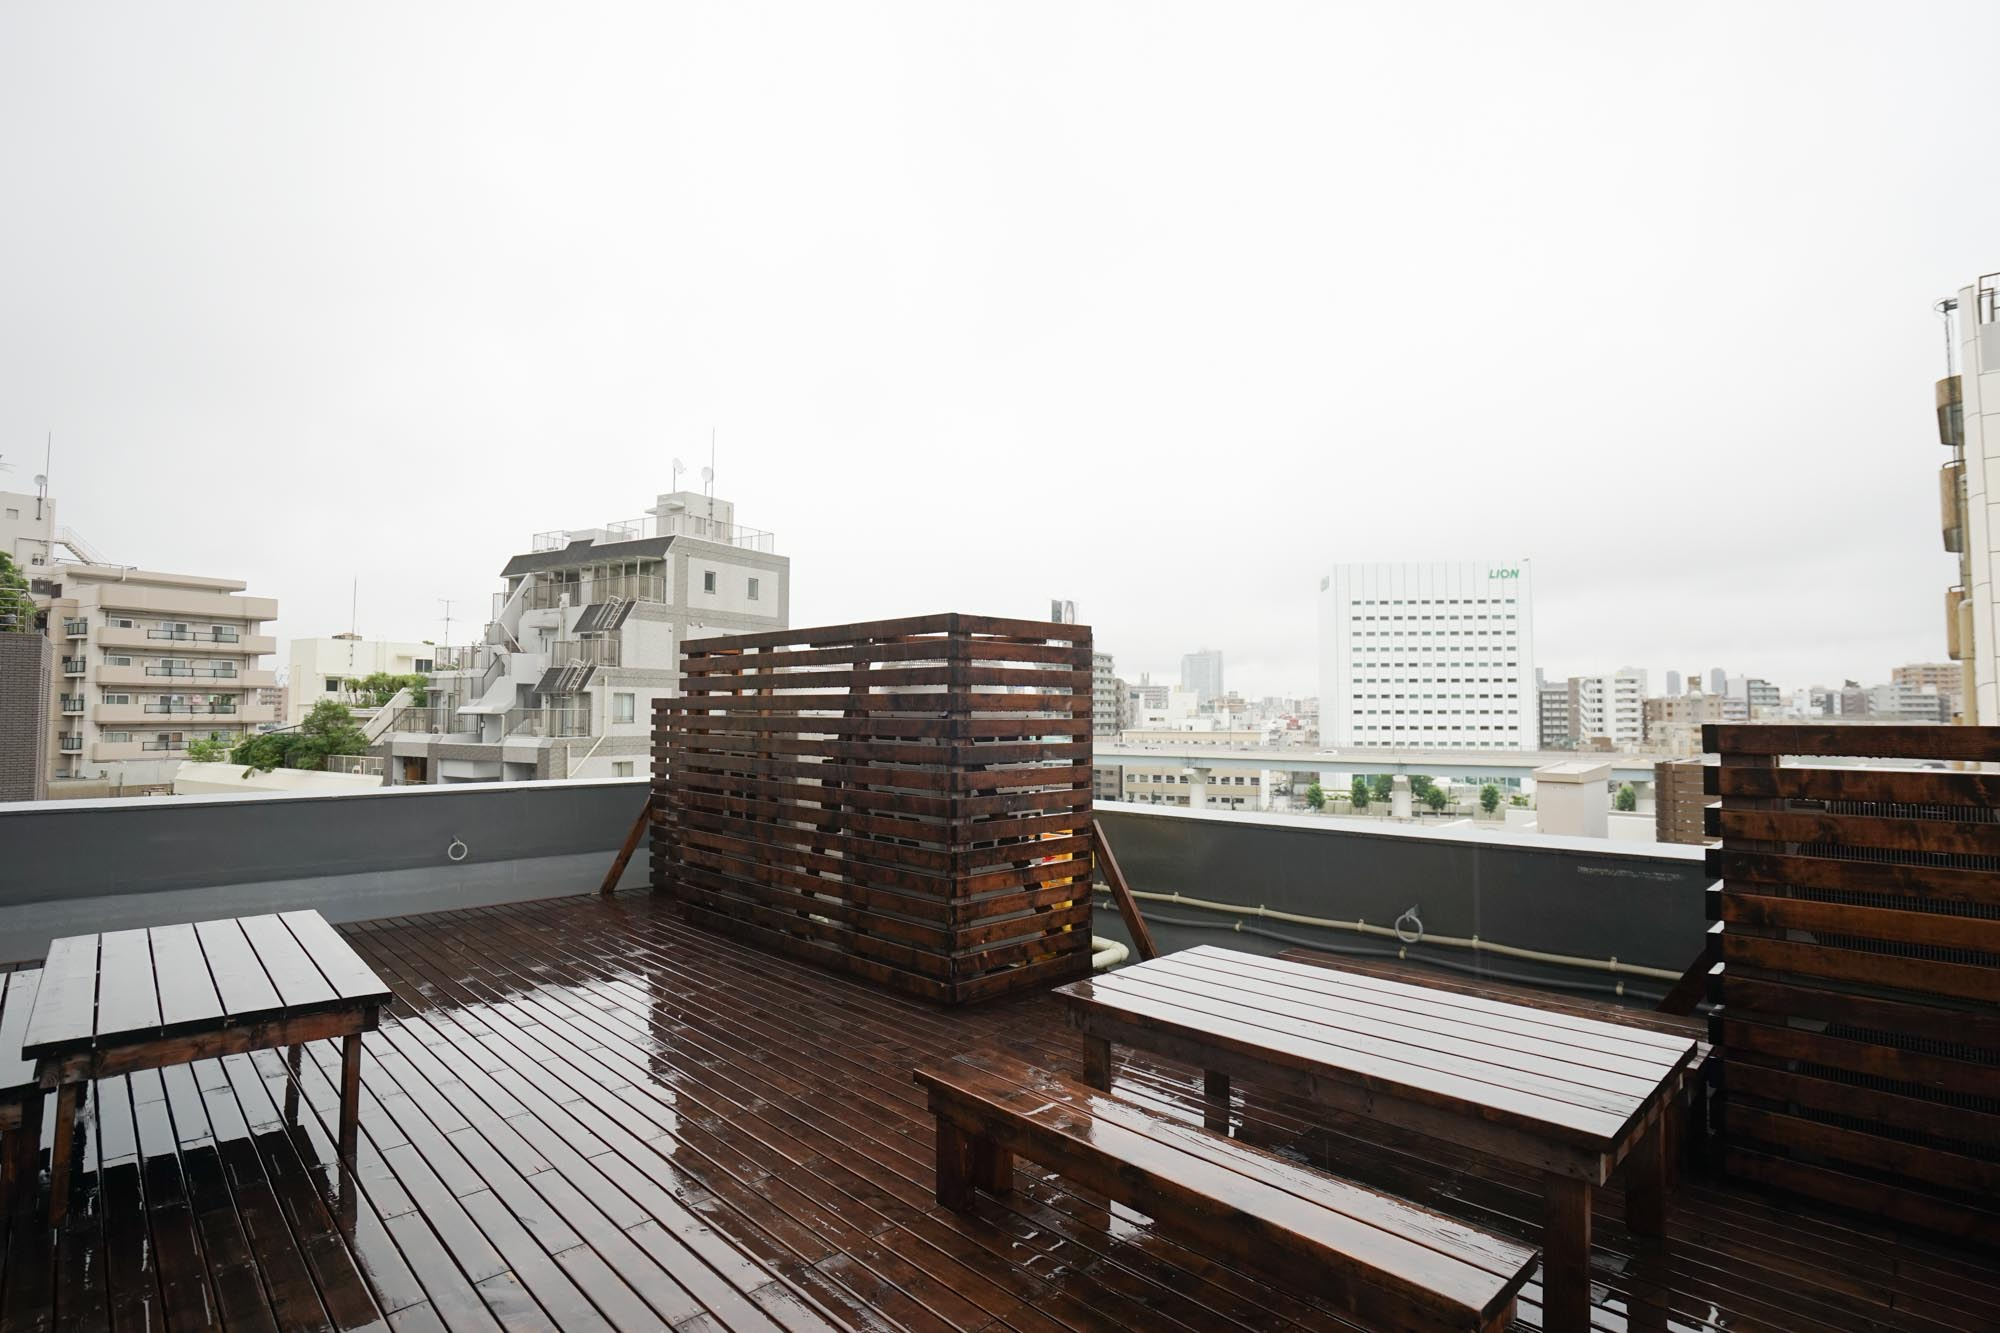 さらに、屋上も自由に使えます。ちょっとあいにくの雨だったのですが、ここにもベンチとテーブルがあって、晴れた日には外でご飯を食べたりできそう。